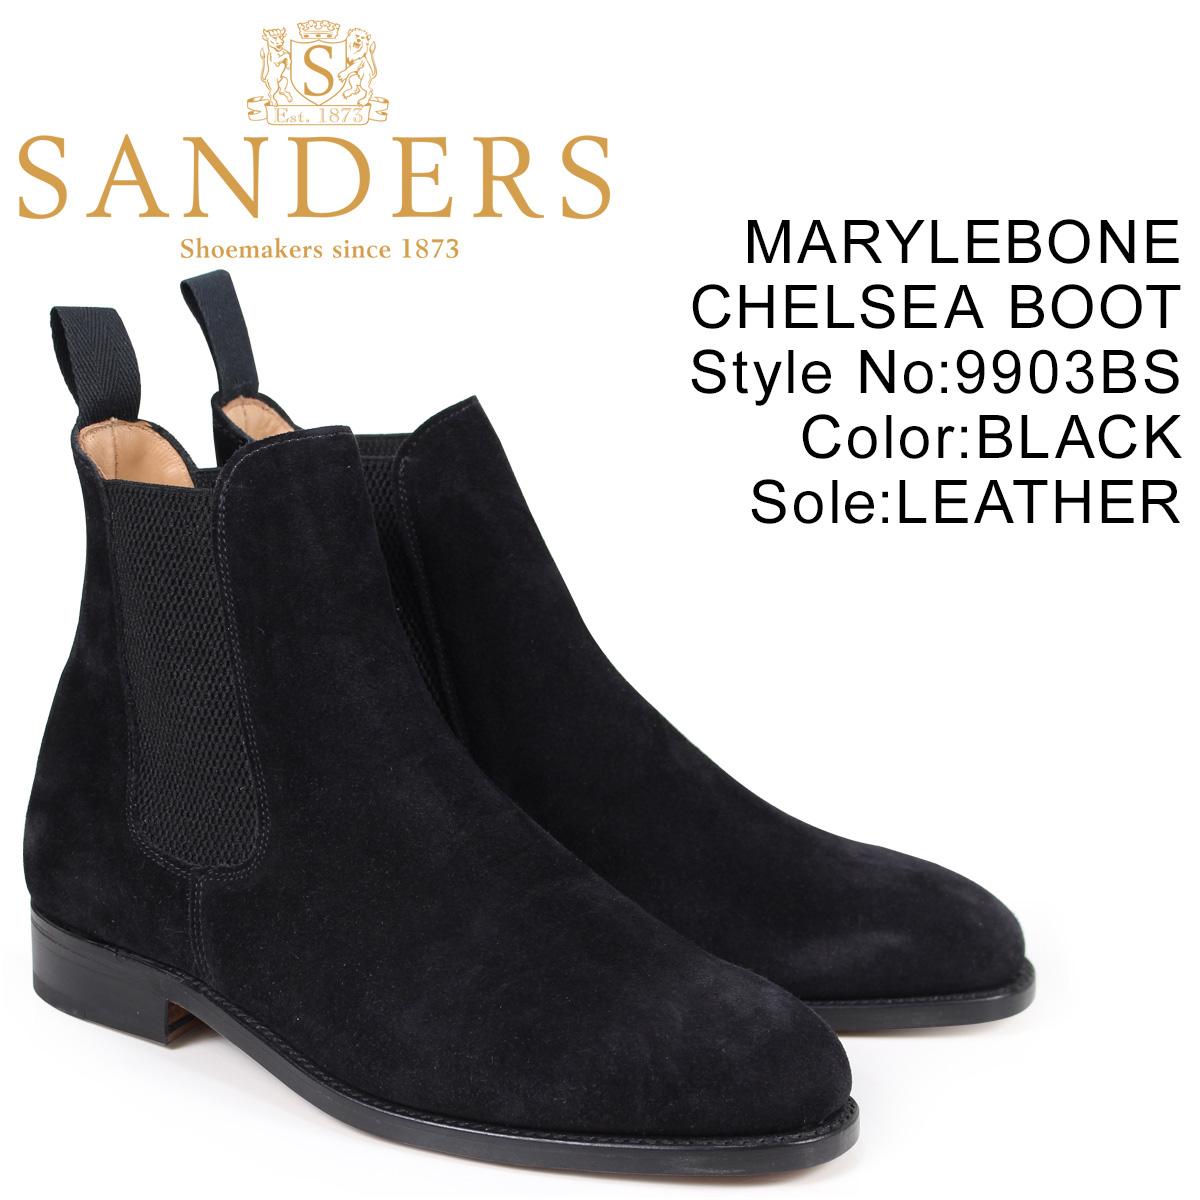 サンダース SANDERS サイドゴア ブーツ MARYLEBONE CHELSEA BOOT メンズ スエード ブラック 9903BS